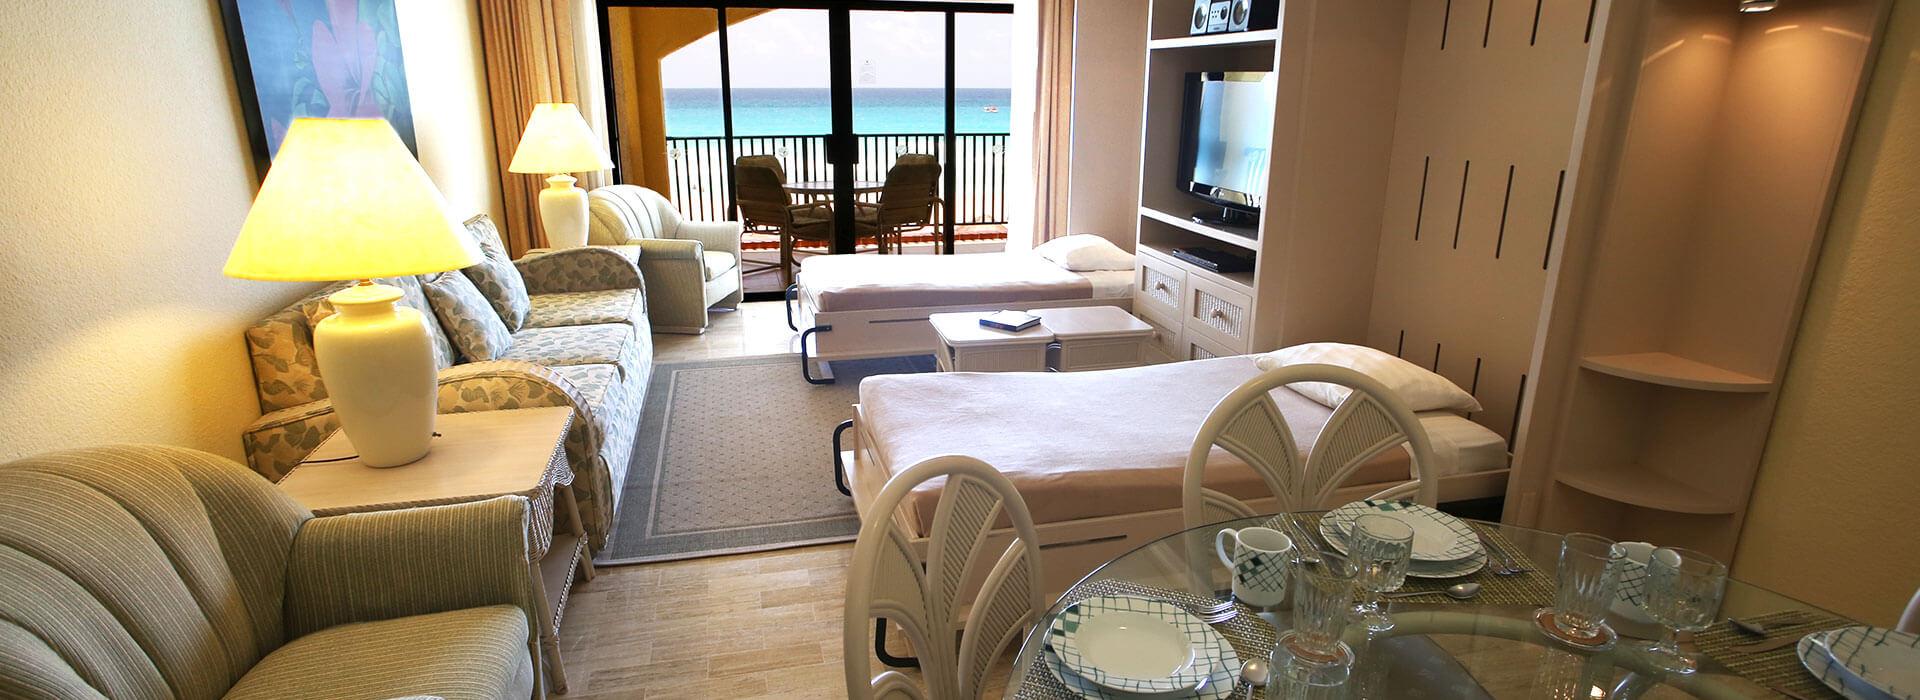 habitación amplia en Cancún para 4 personas